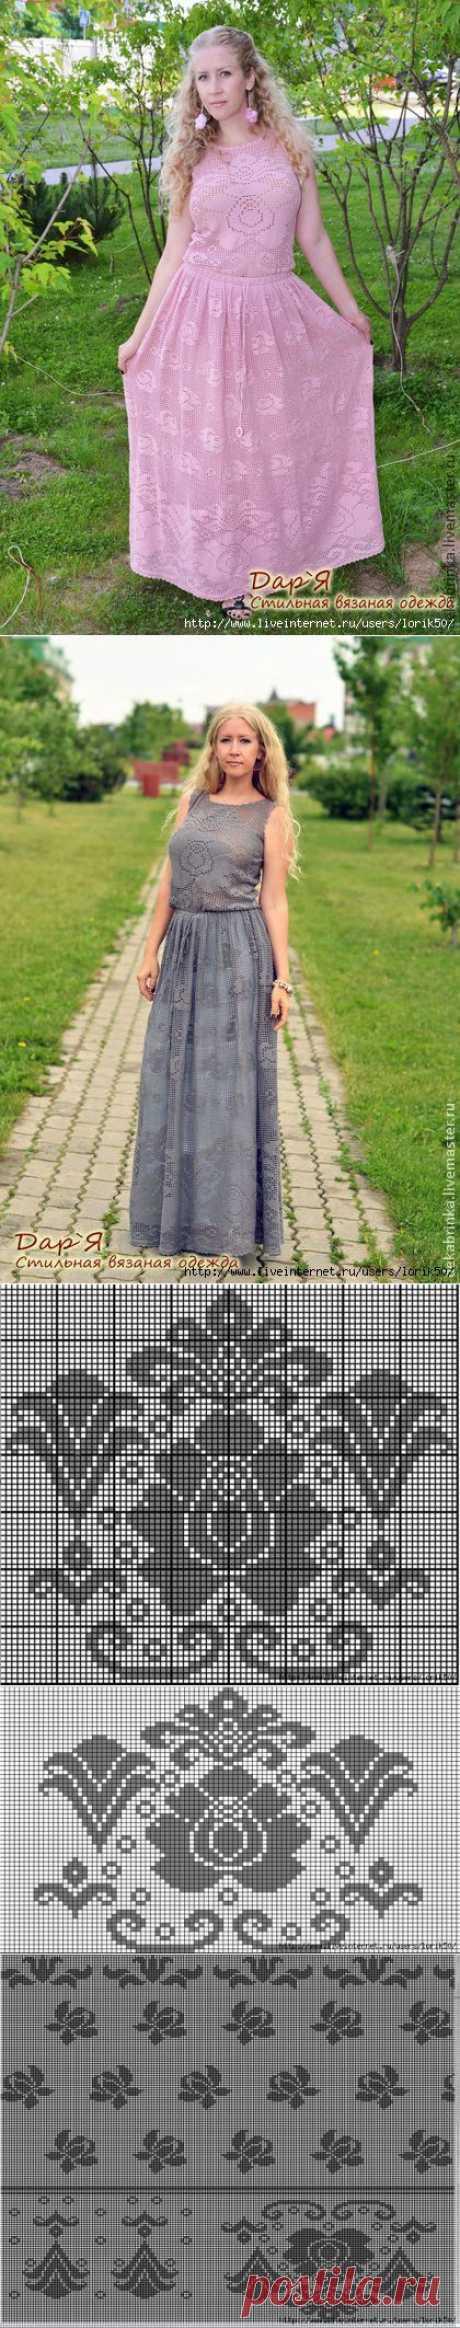 ¡El sarafán y el vestido por un esquema!.